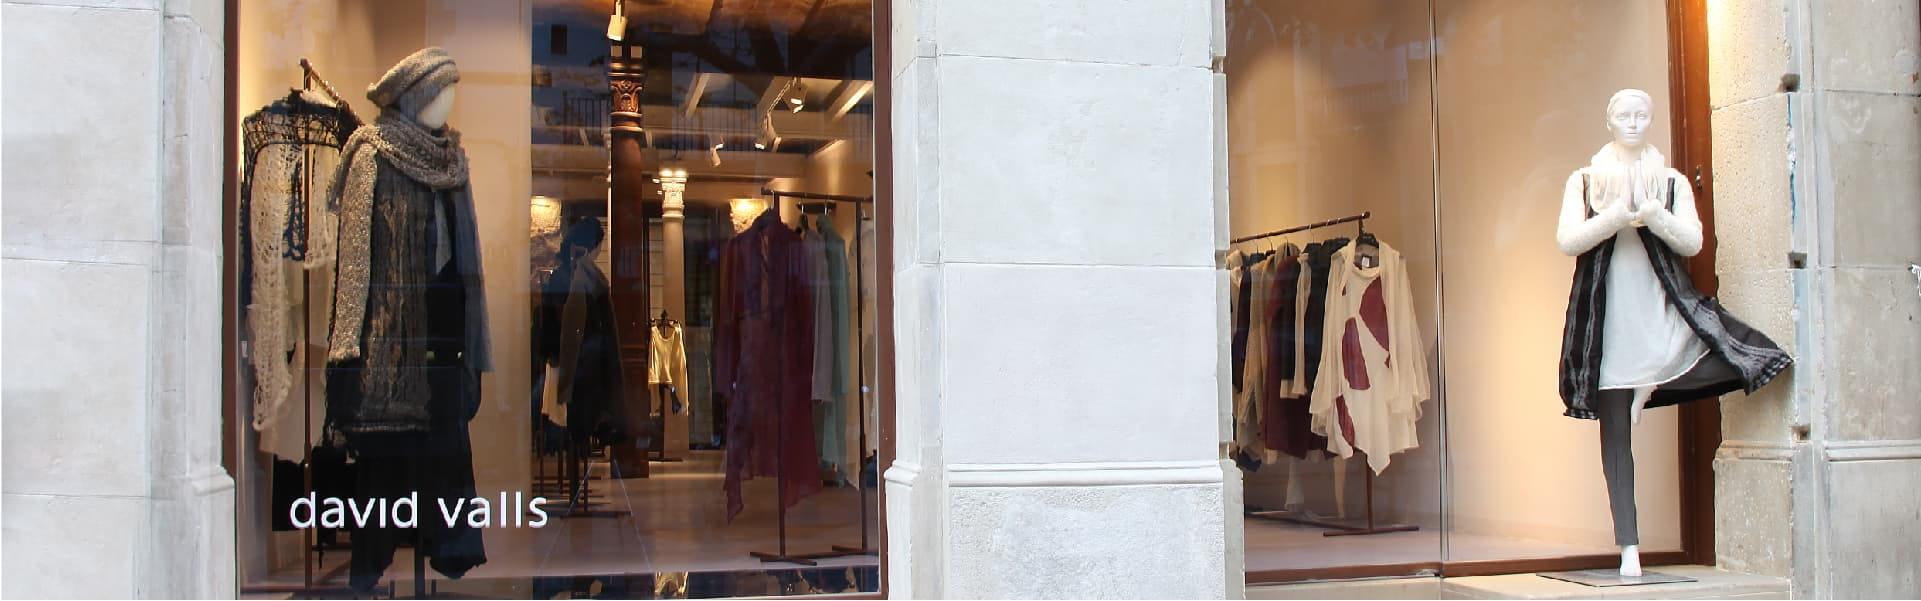 Portas para lojas e comércios